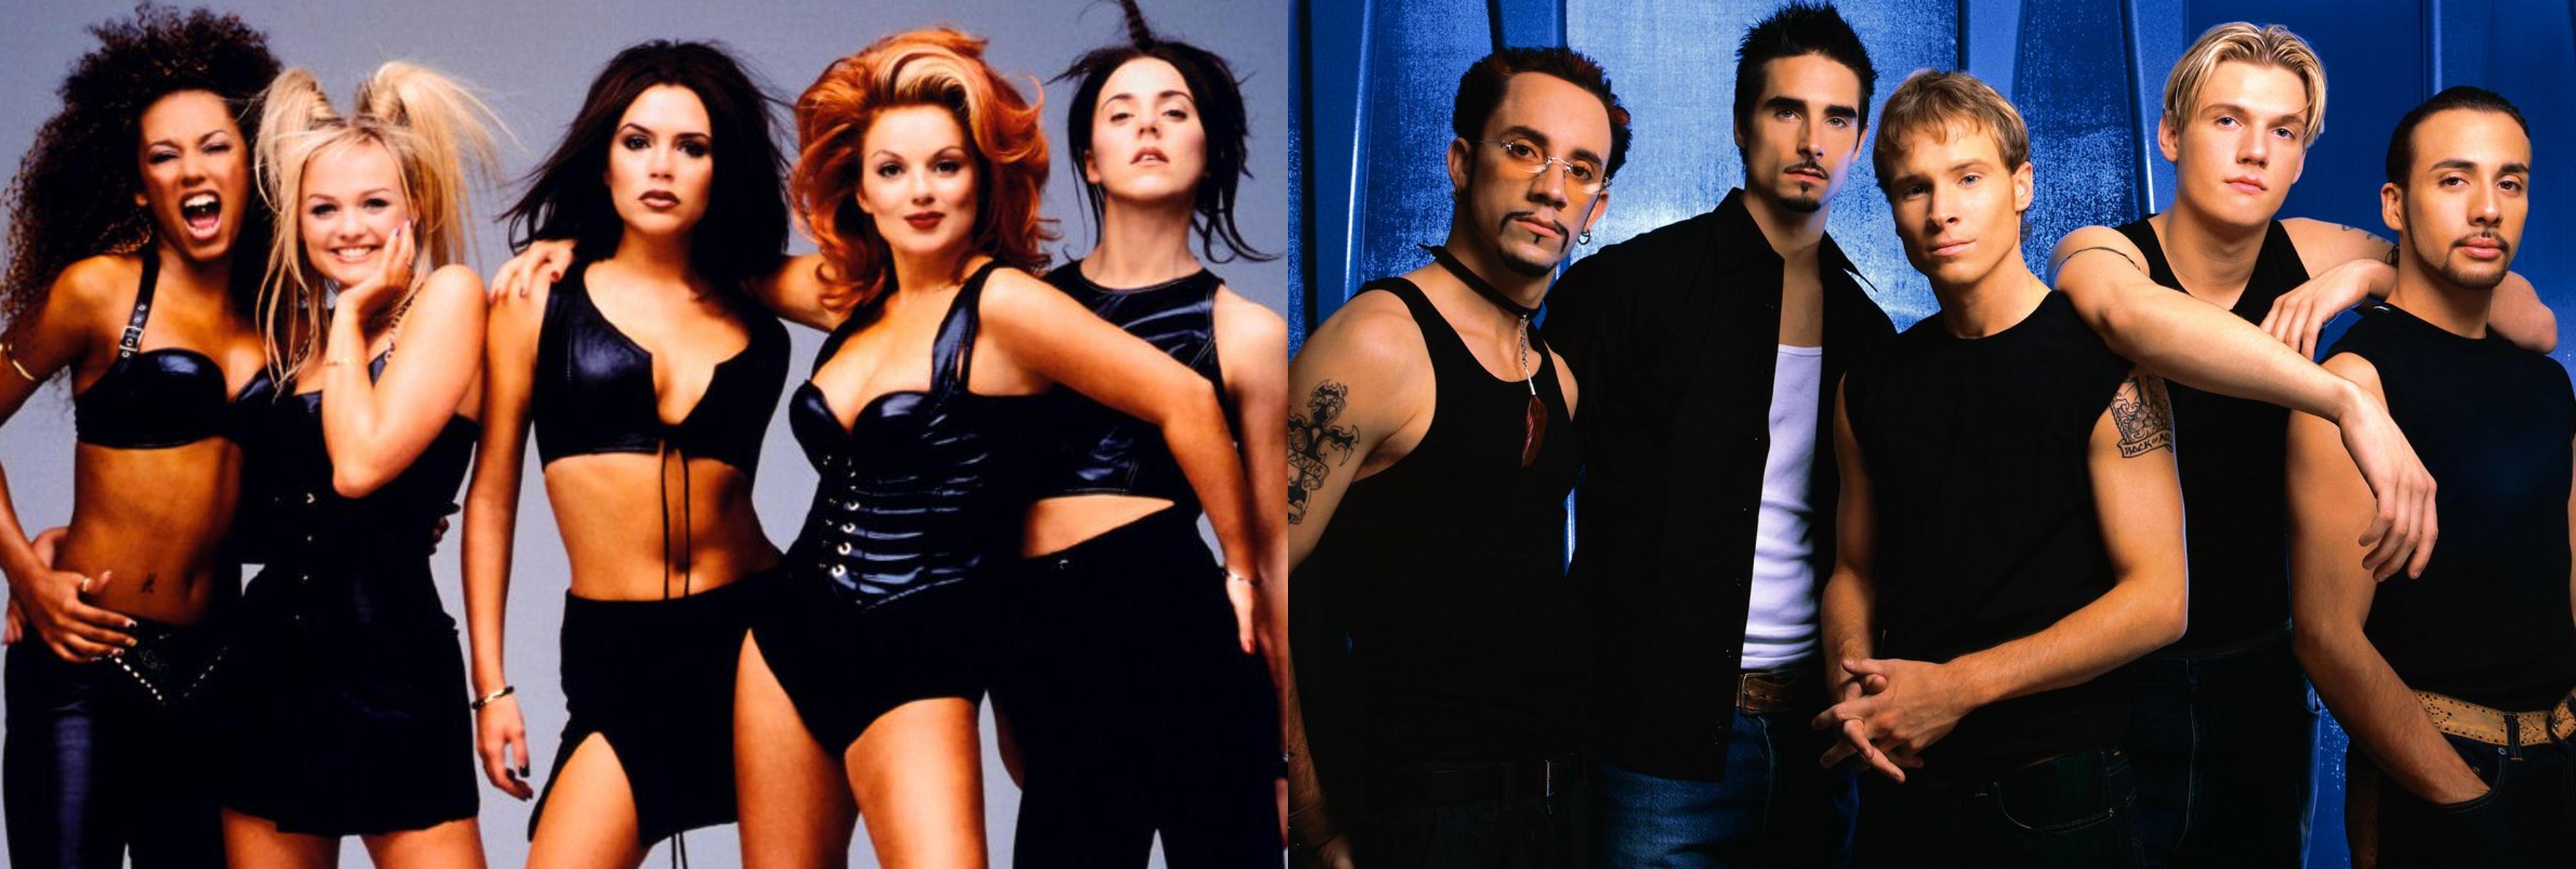 Las Spice Girls y los Backstreet Boys podrían unirse en una gira